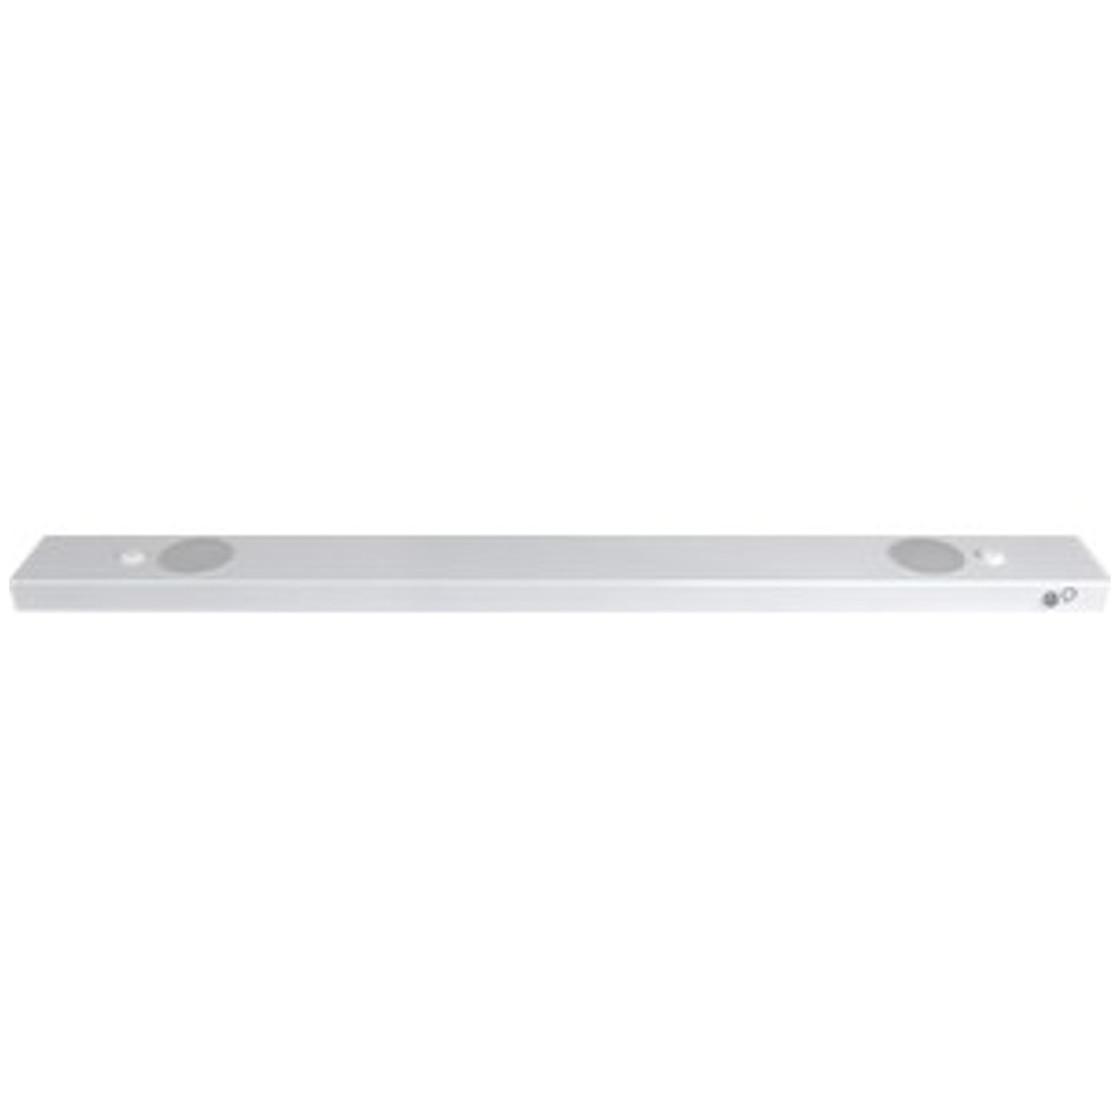 LED Unterschrankleuchte 53cm 2 x 3W Weiß 4000K Unterbauleuchte mit Schalter